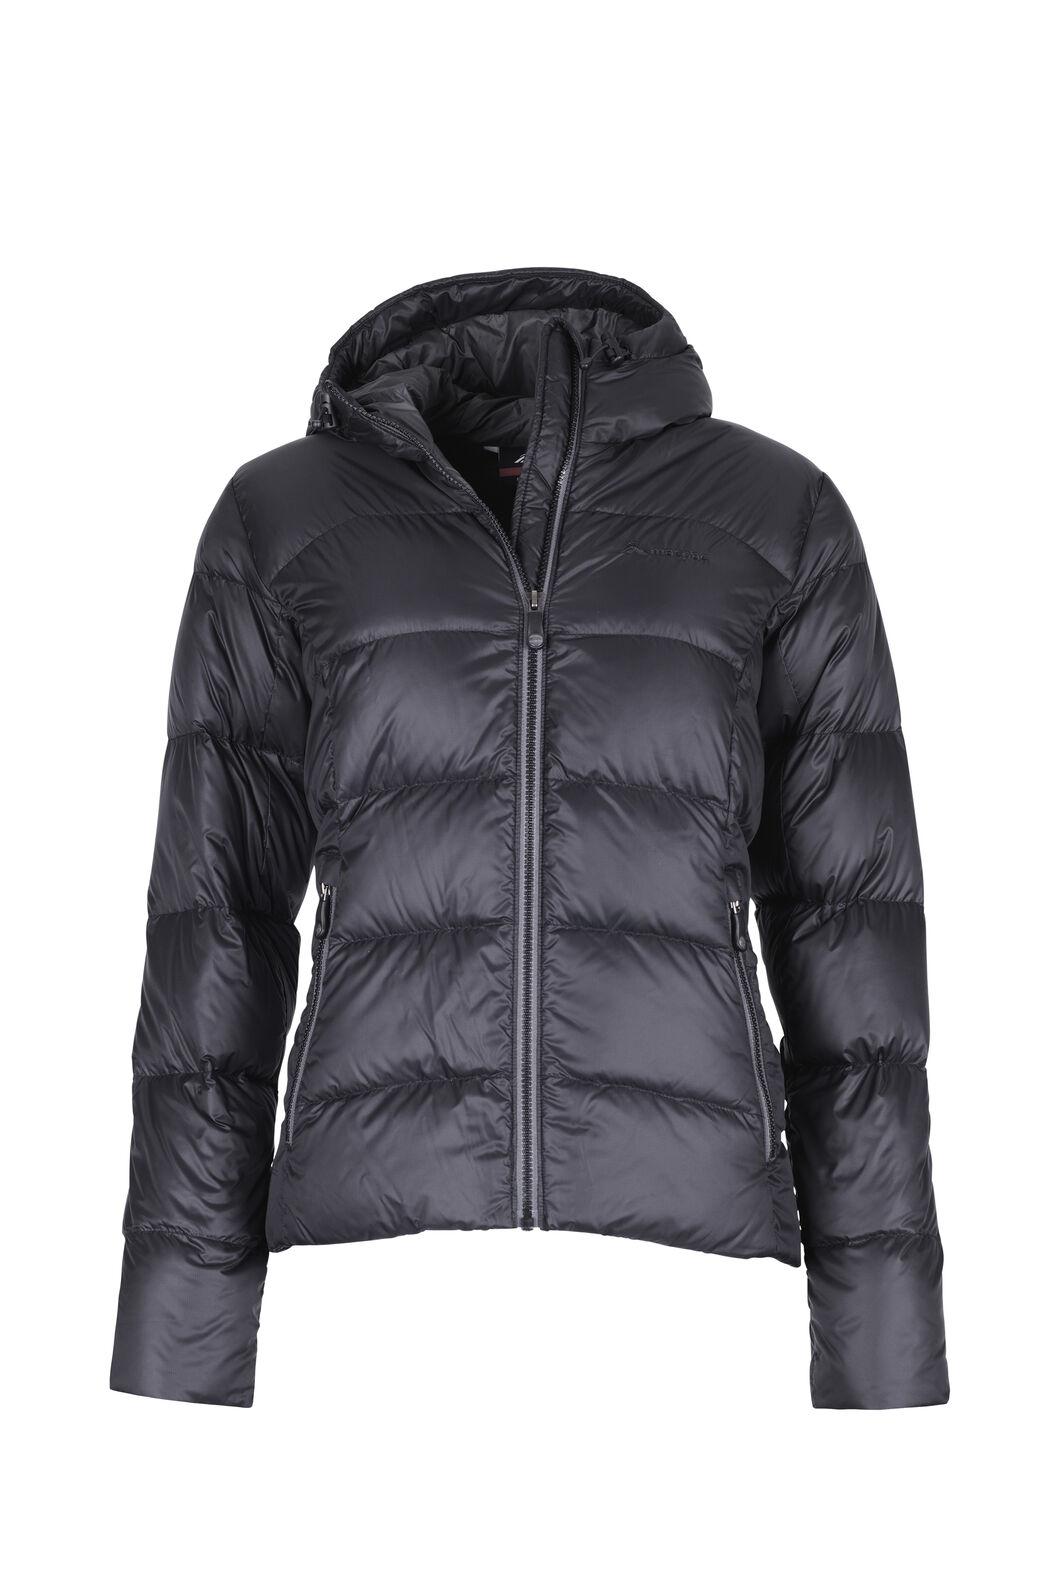 Macpac Sundowner Hooded HyperDRY™ Down Jacket - Women's, Black, hi-res